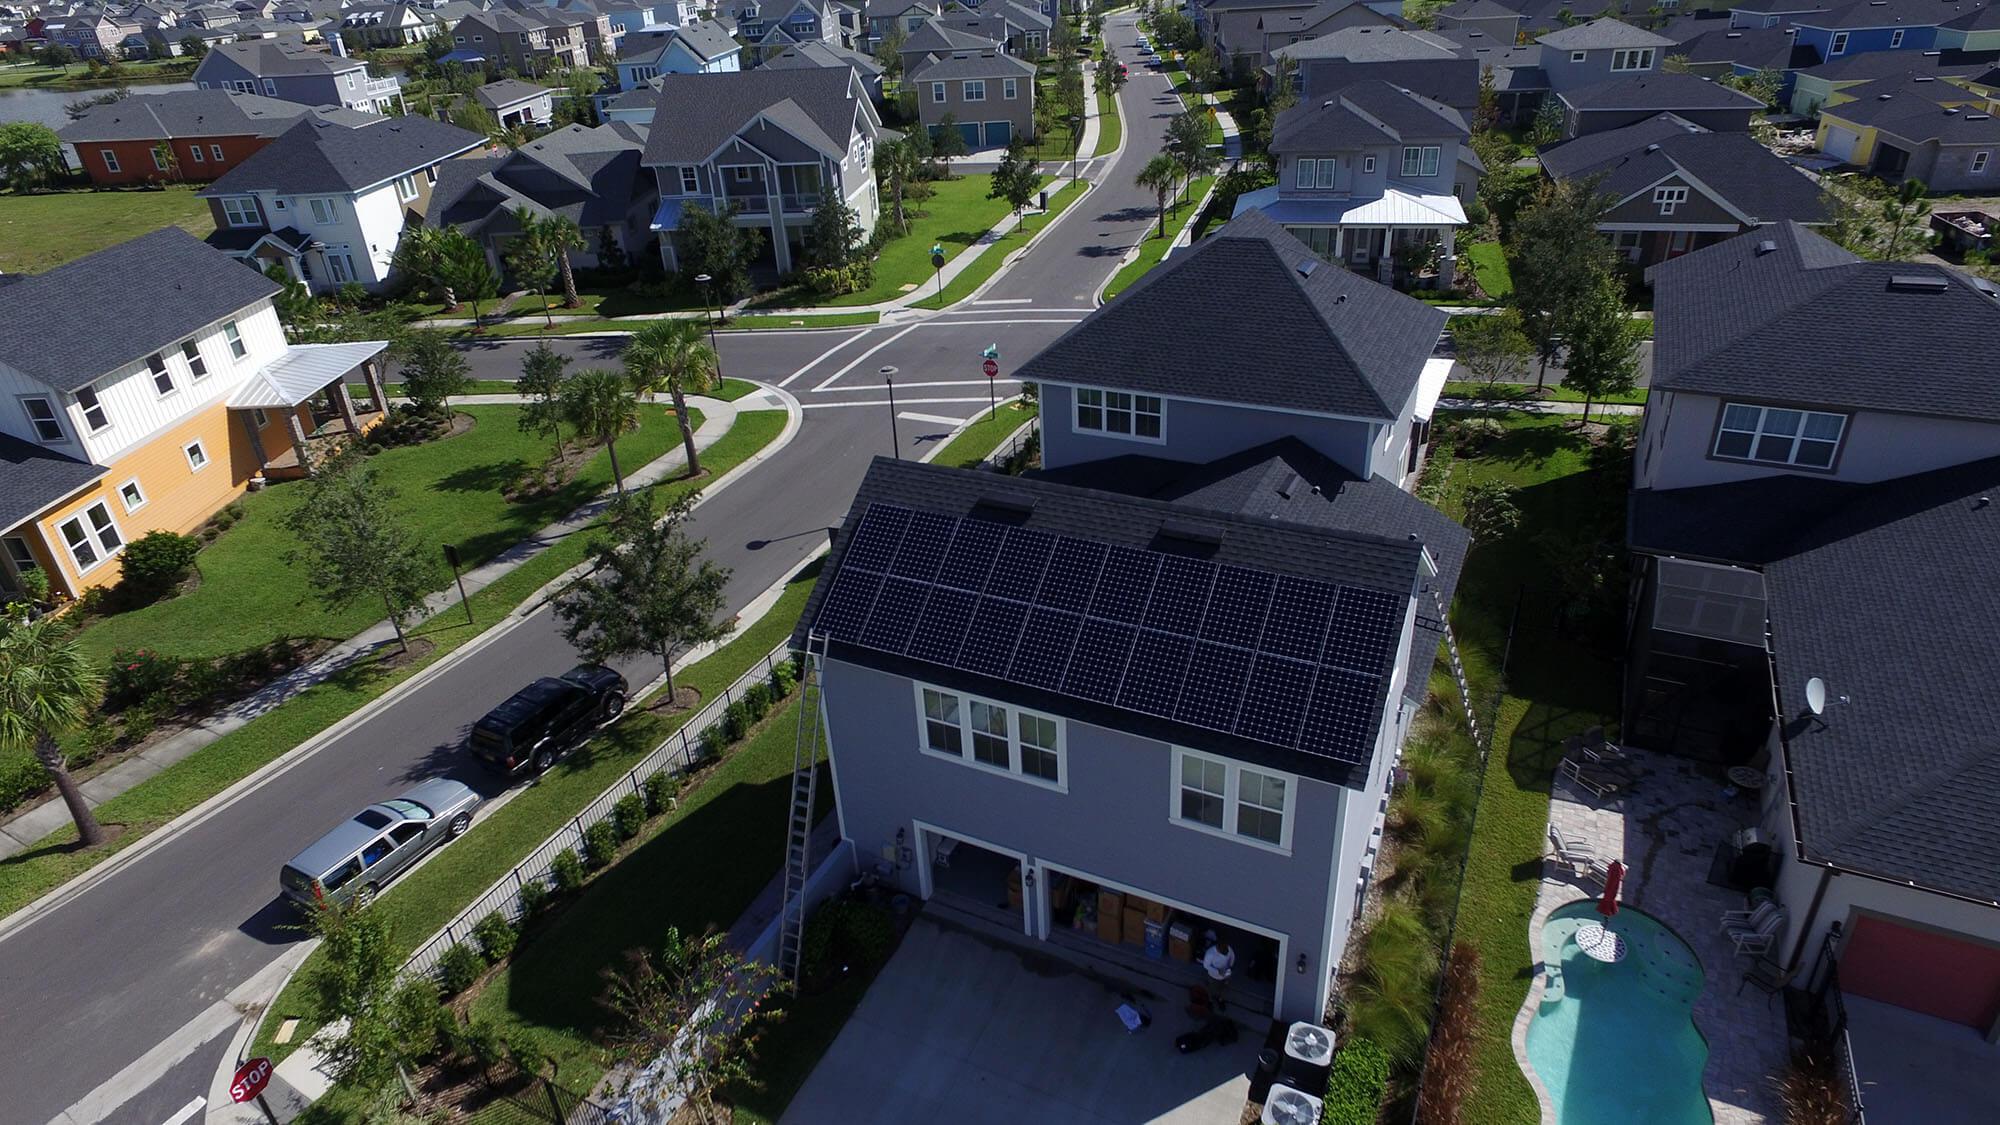 Tampa Bay Solar Power Company